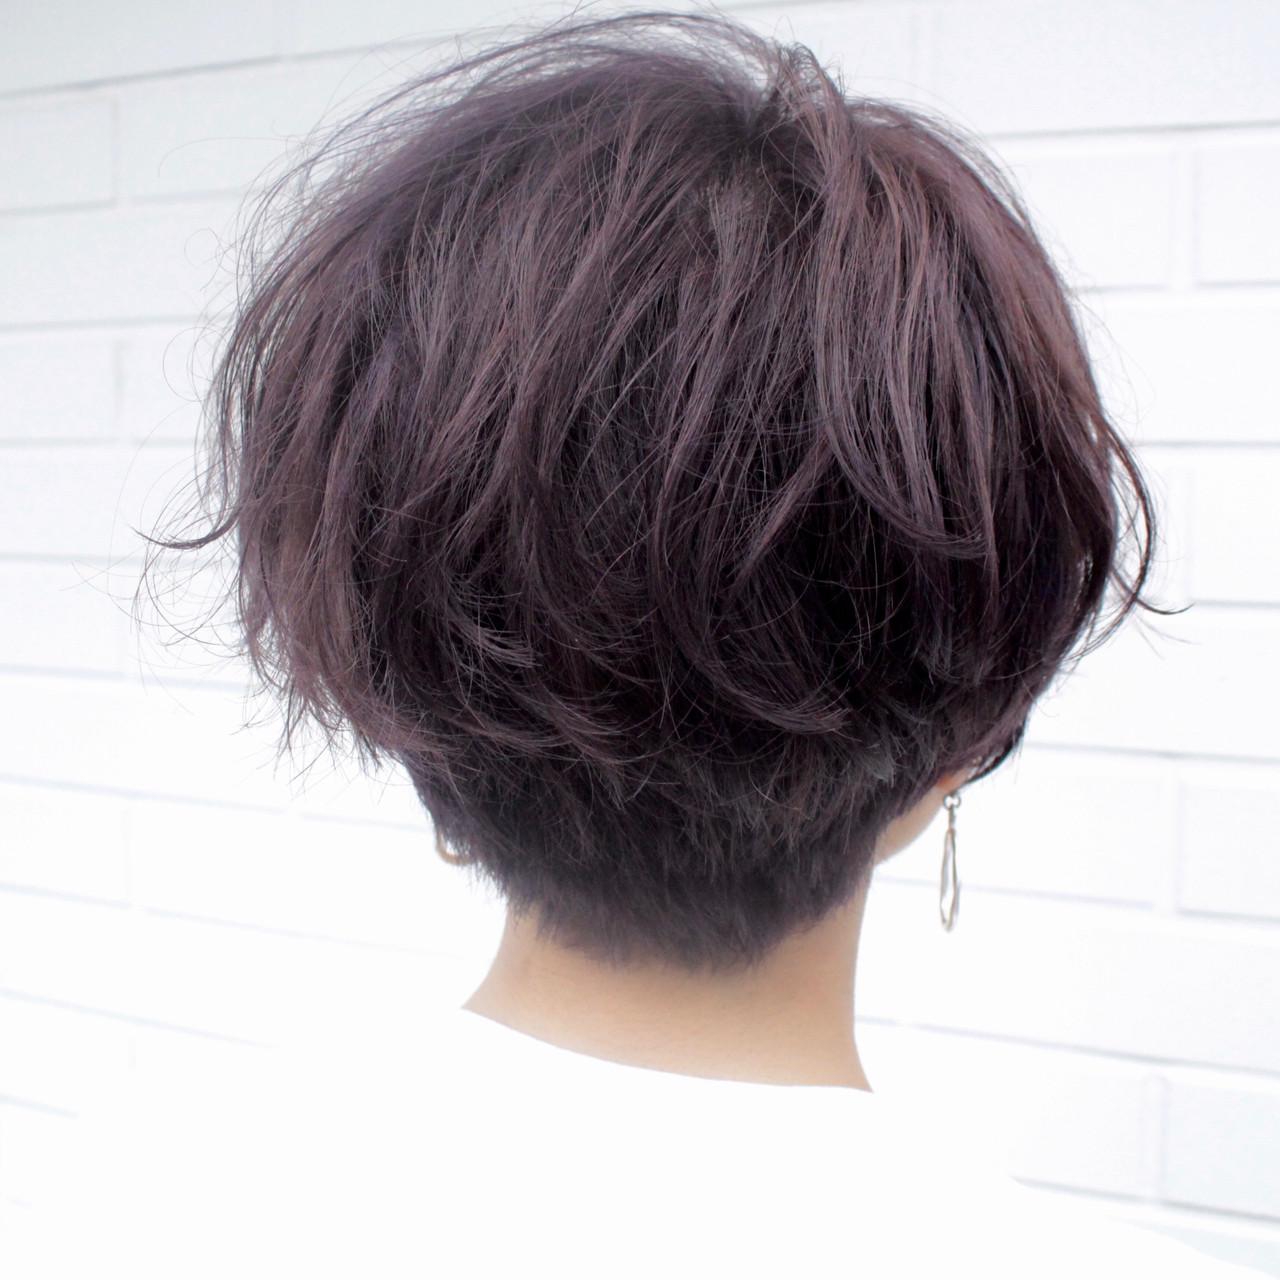 ハンサムショート ショートバング ショートヘア ショートボブ ヘアスタイルや髪型の写真・画像 | 【ショート&ショートボブはお任せください】淺川聖 / parc sapporo